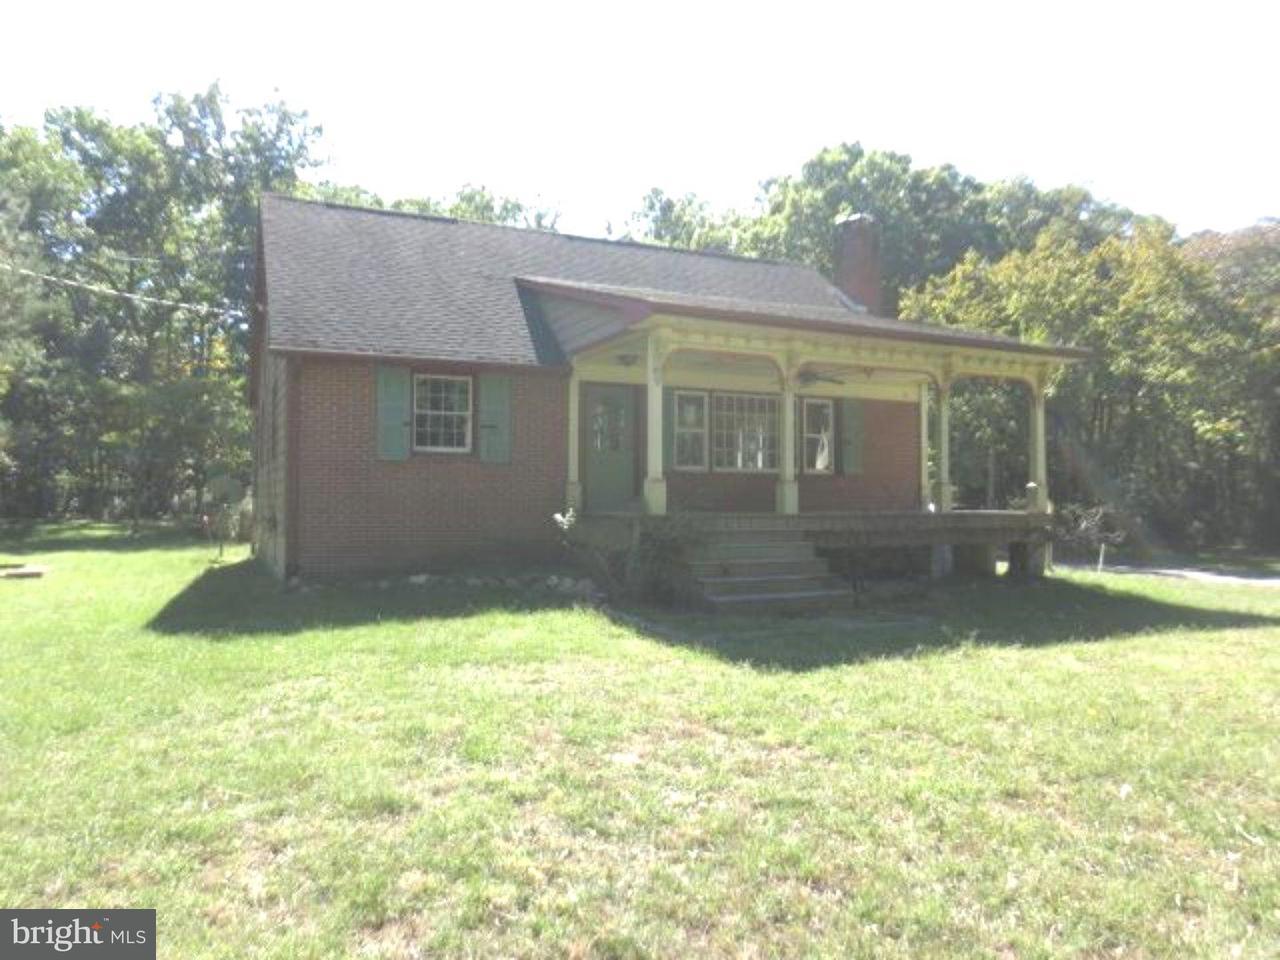 独户住宅 为 销售 在 173 TUCKERTON Road Vincentown, 新泽西州 08088 美国